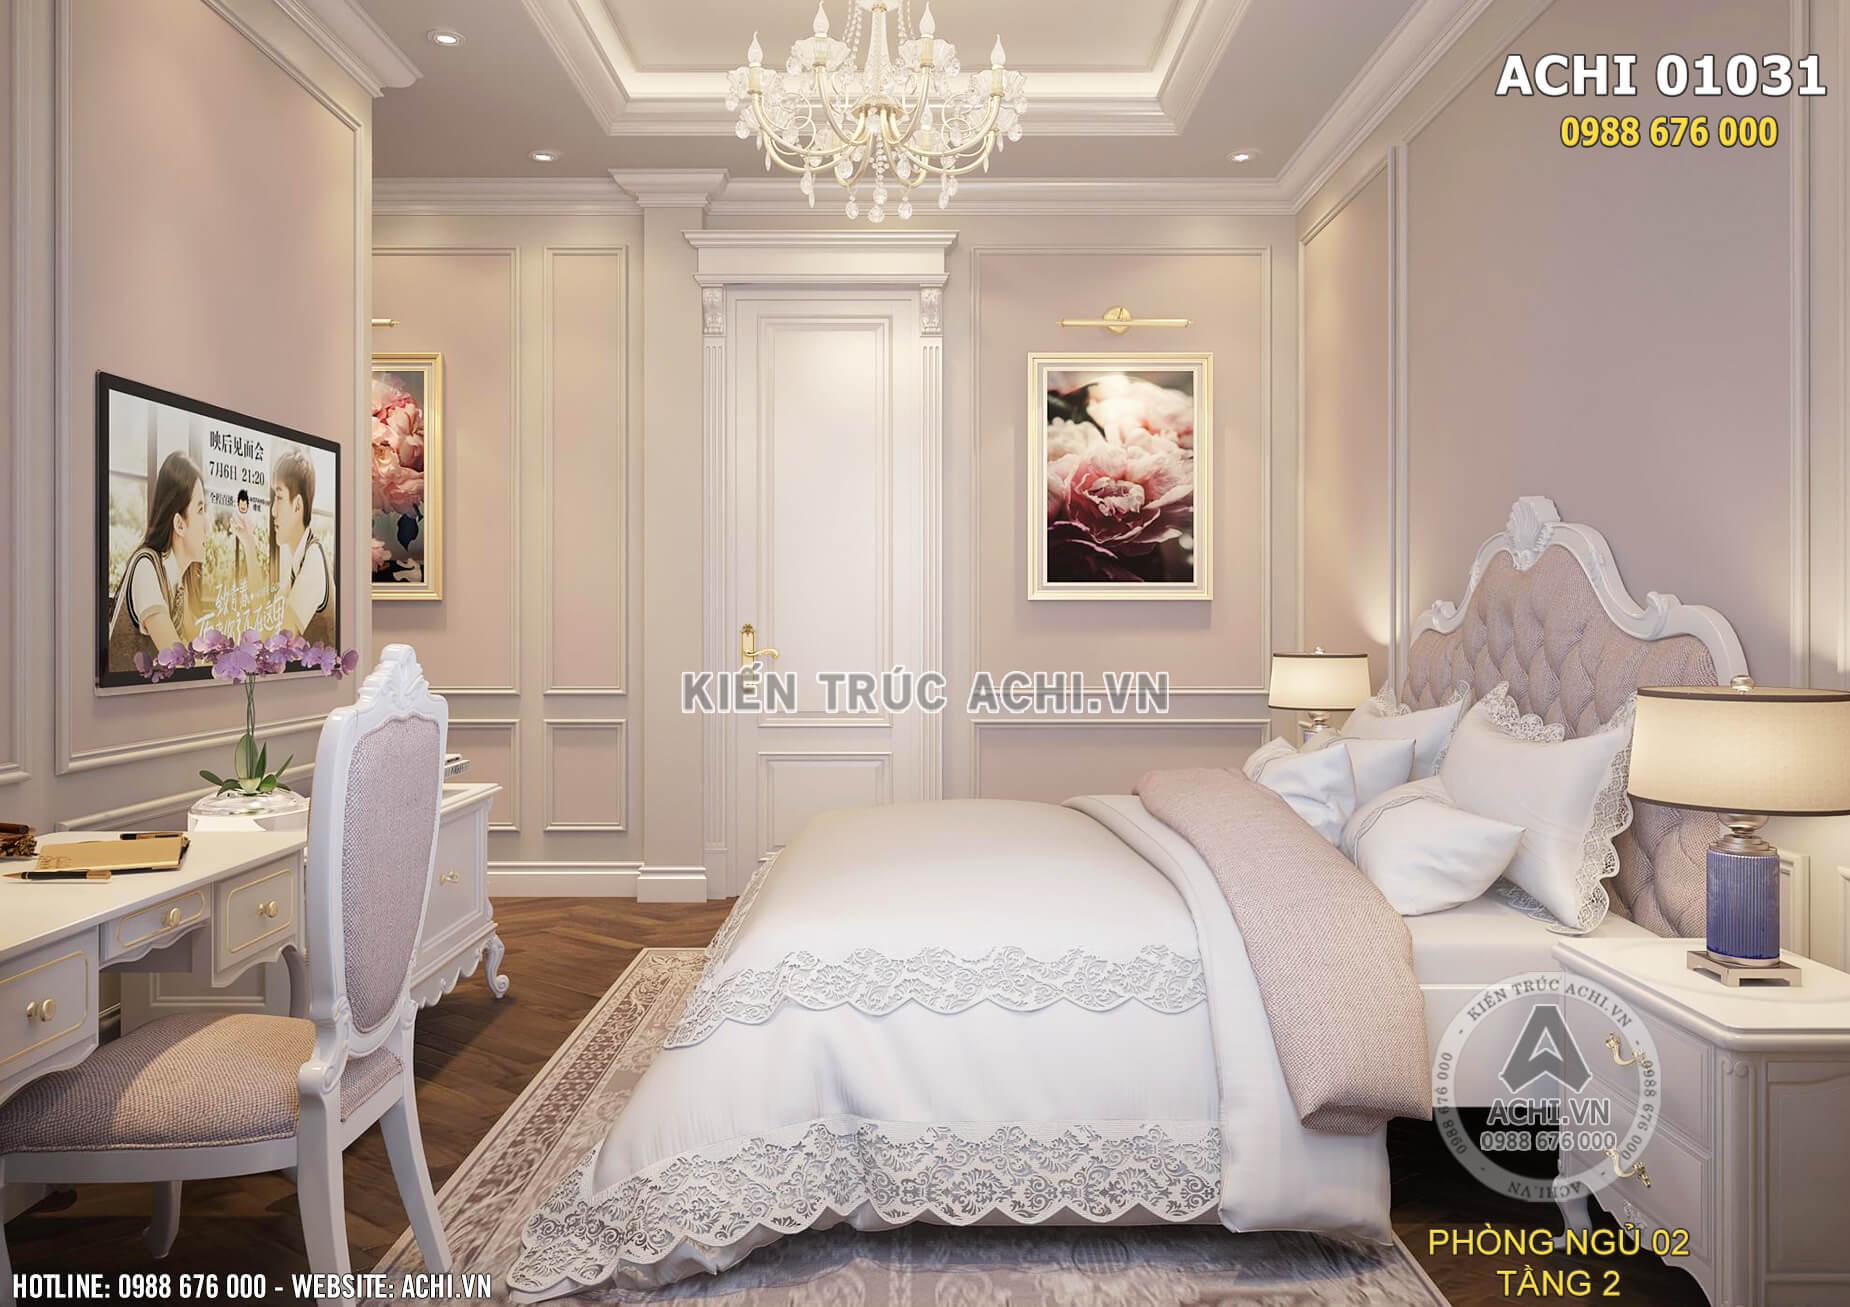 Căn phòng ngủ tân cổ điển với các họa tiết trang trí nhẹ nhàng, tinh tế